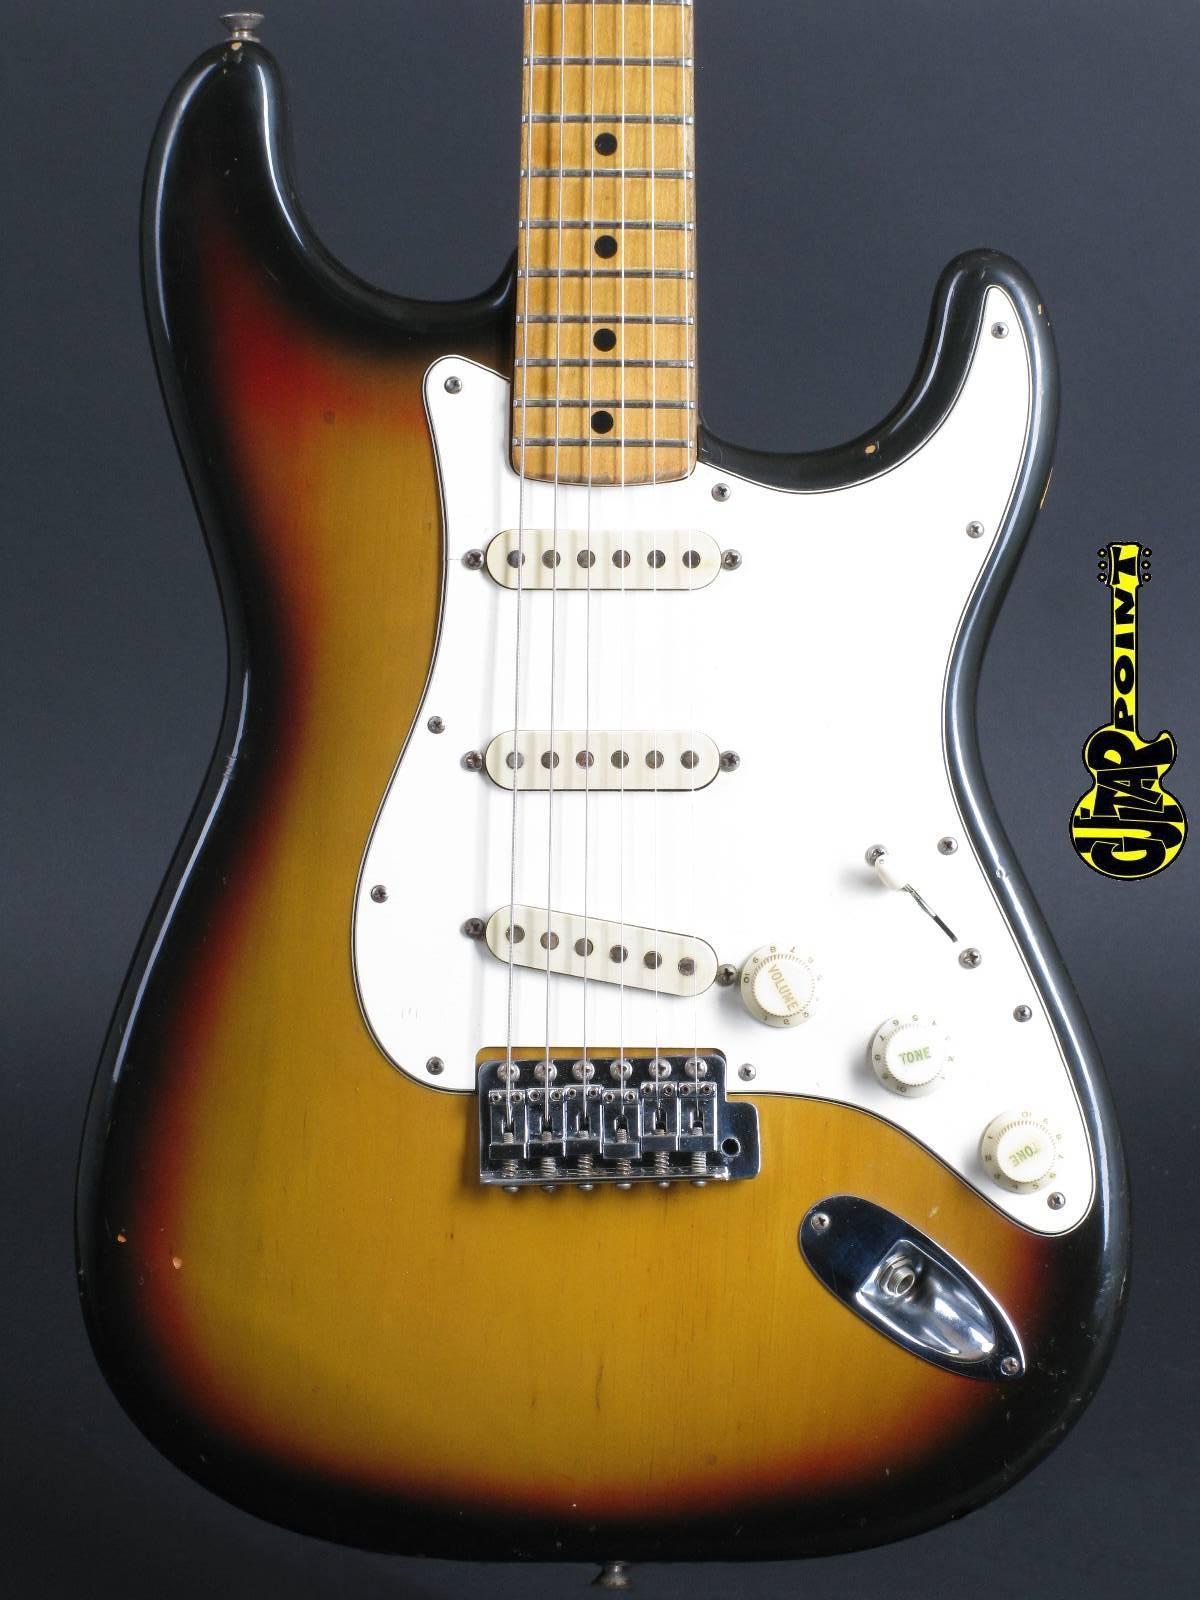 1975 Fender Stratocaster - Sunburst / Mapleneck